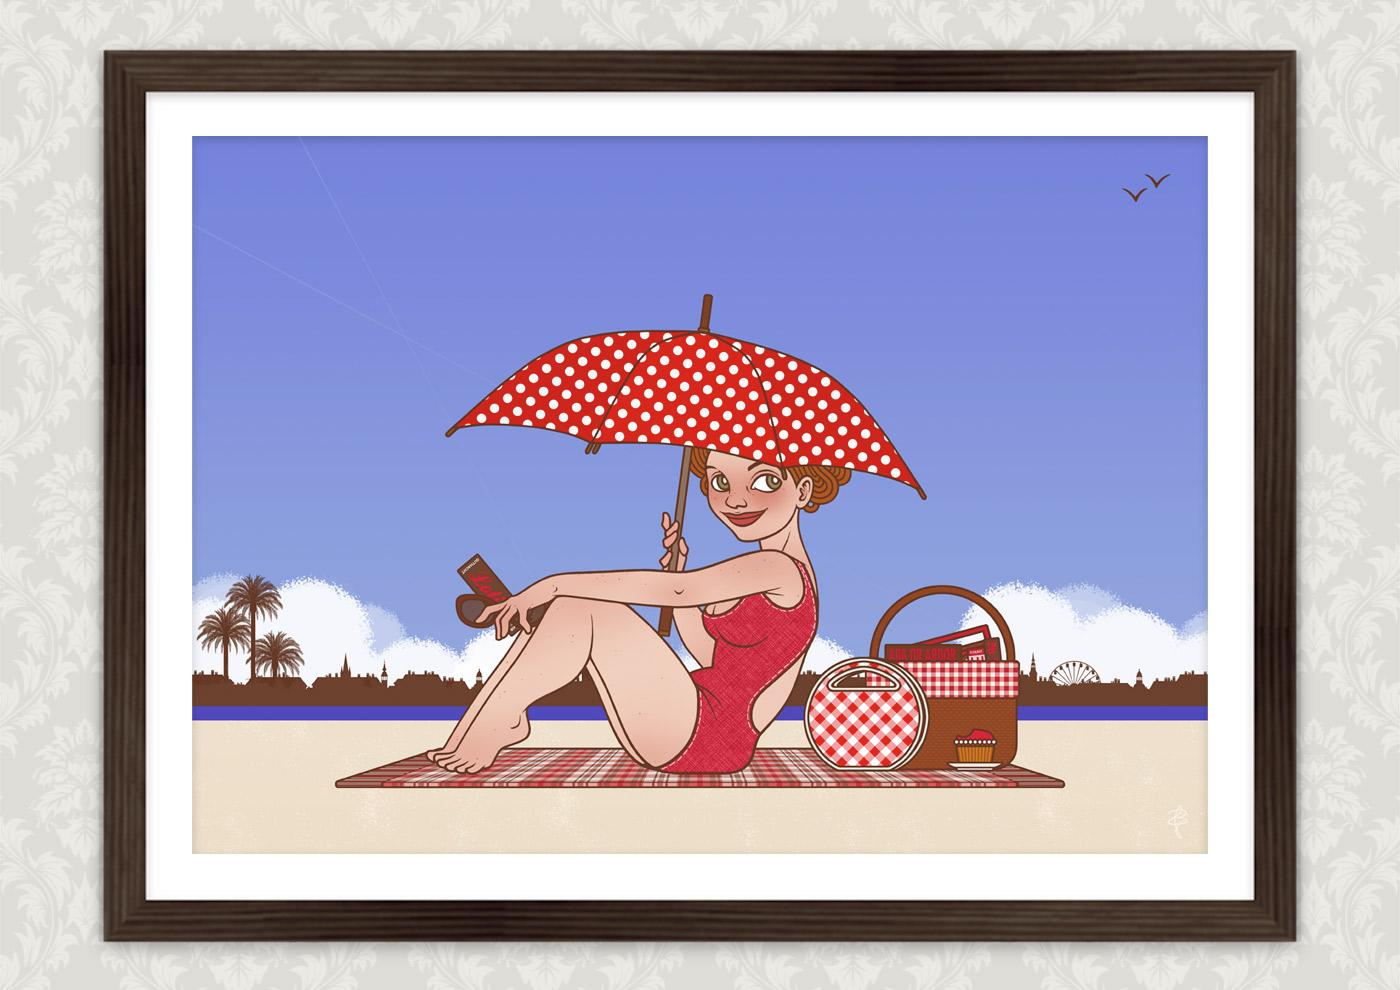 Freie Arbeit Lola am Strand, mit einem Mädchen unter einem Sonnenschirm in der Hitze eines Sommertages, illustriert im nostalgischen Retro-Look